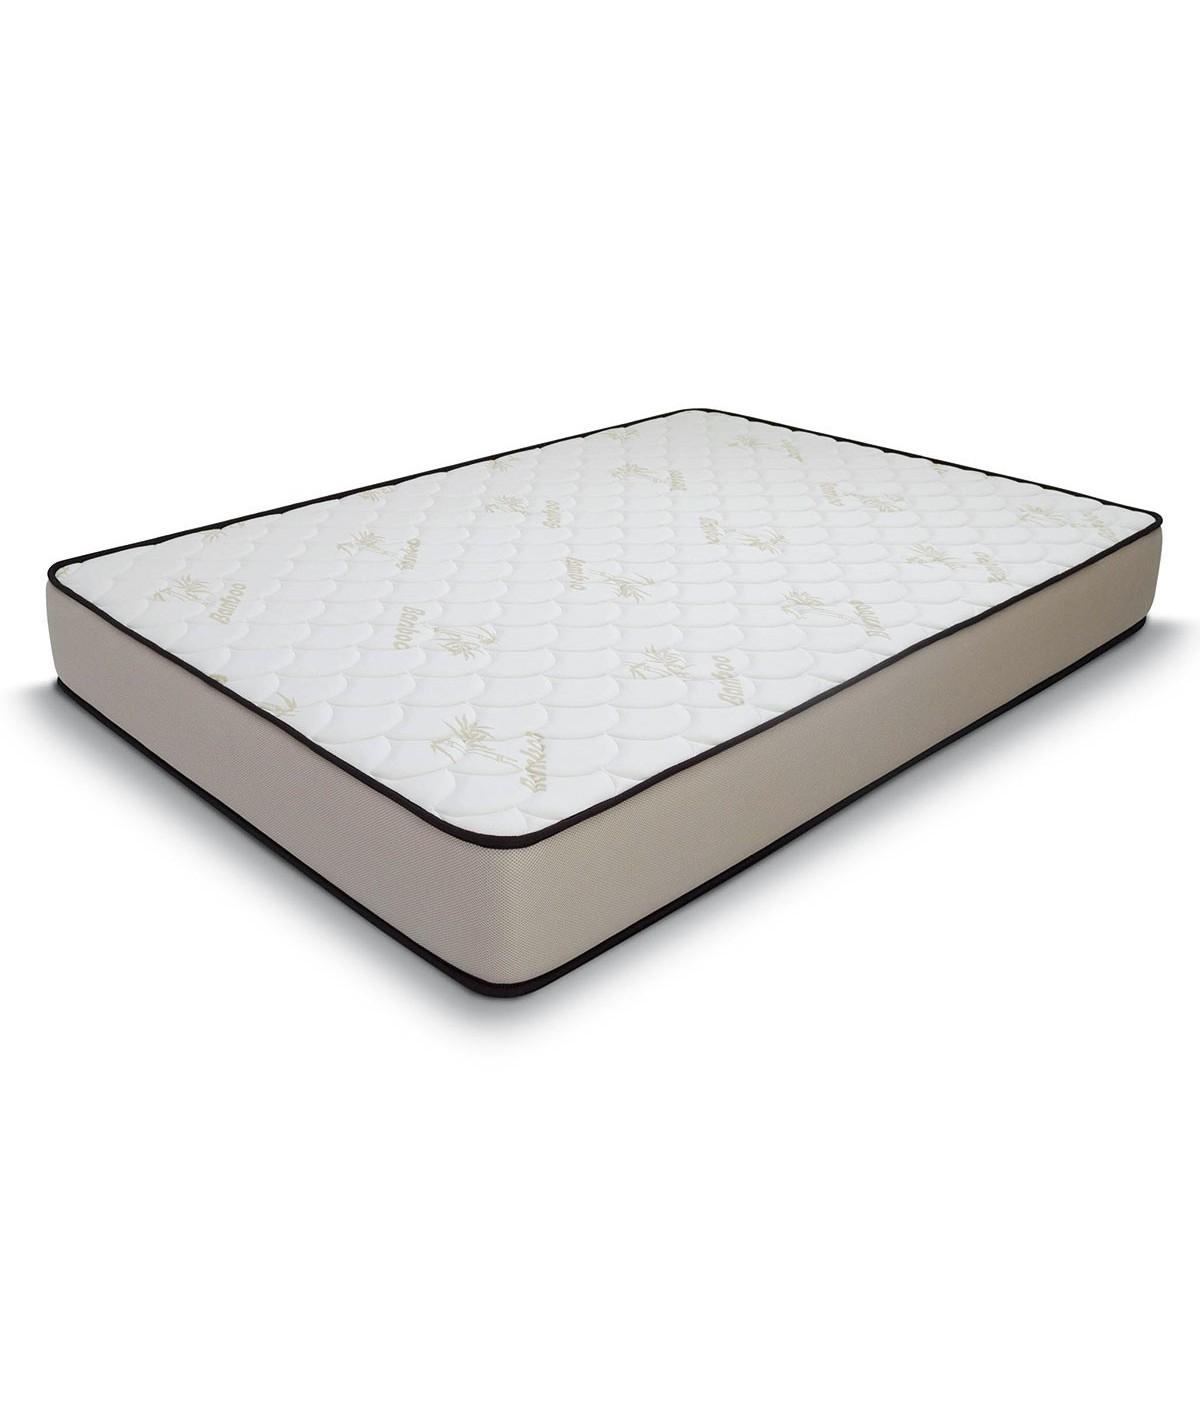 Oreiller à mémoire de forme : Un oreiller technologique ?